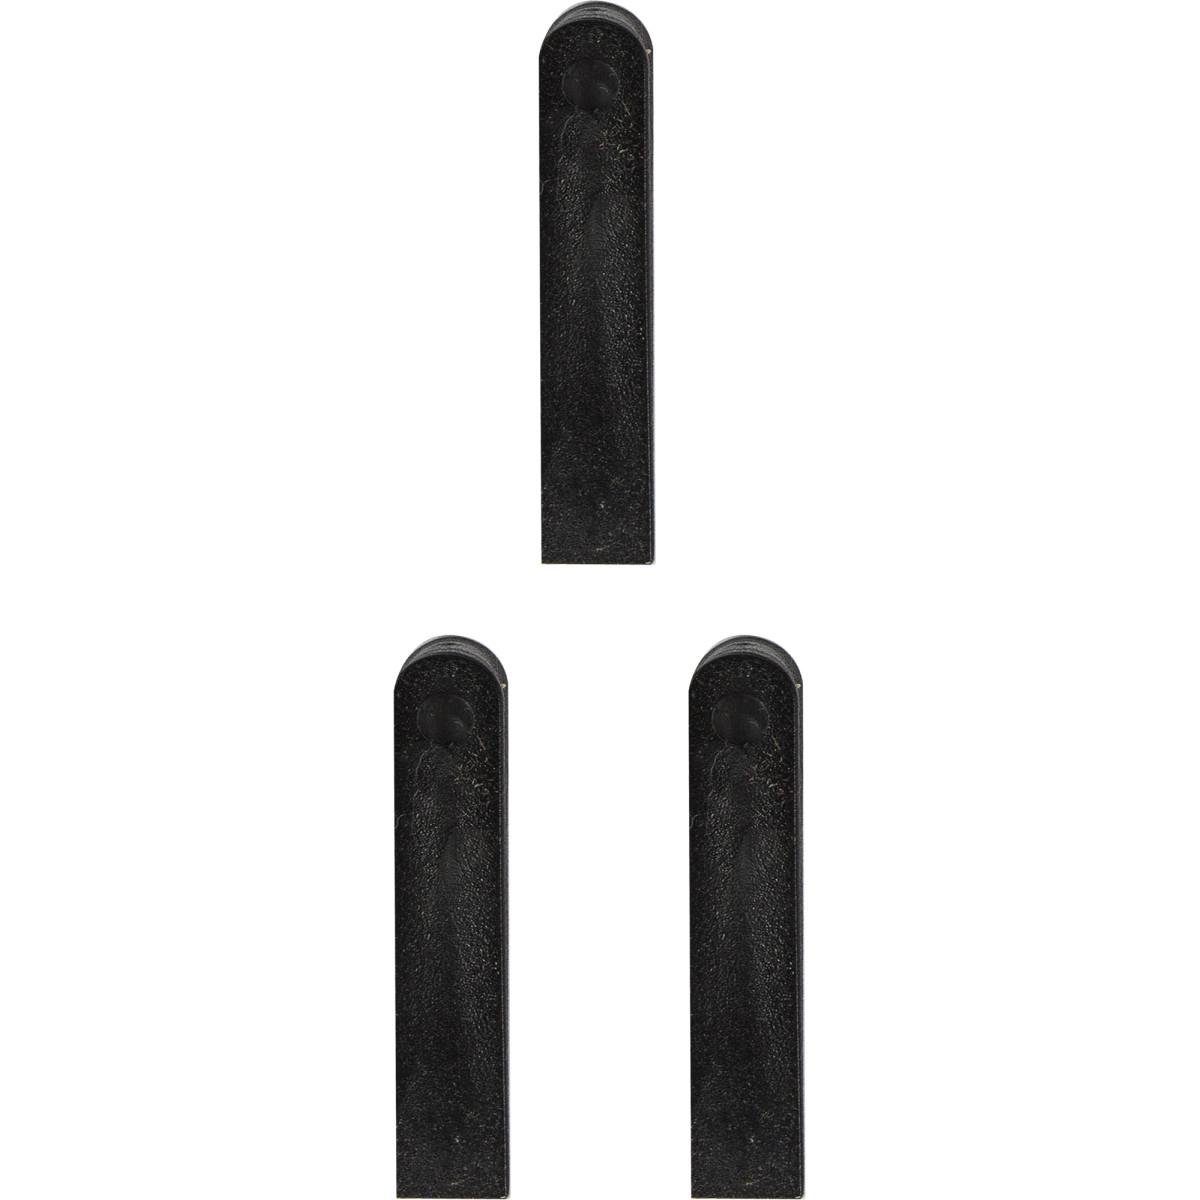 Клинья для кафельной плитки 40x8 мм 50 шт.